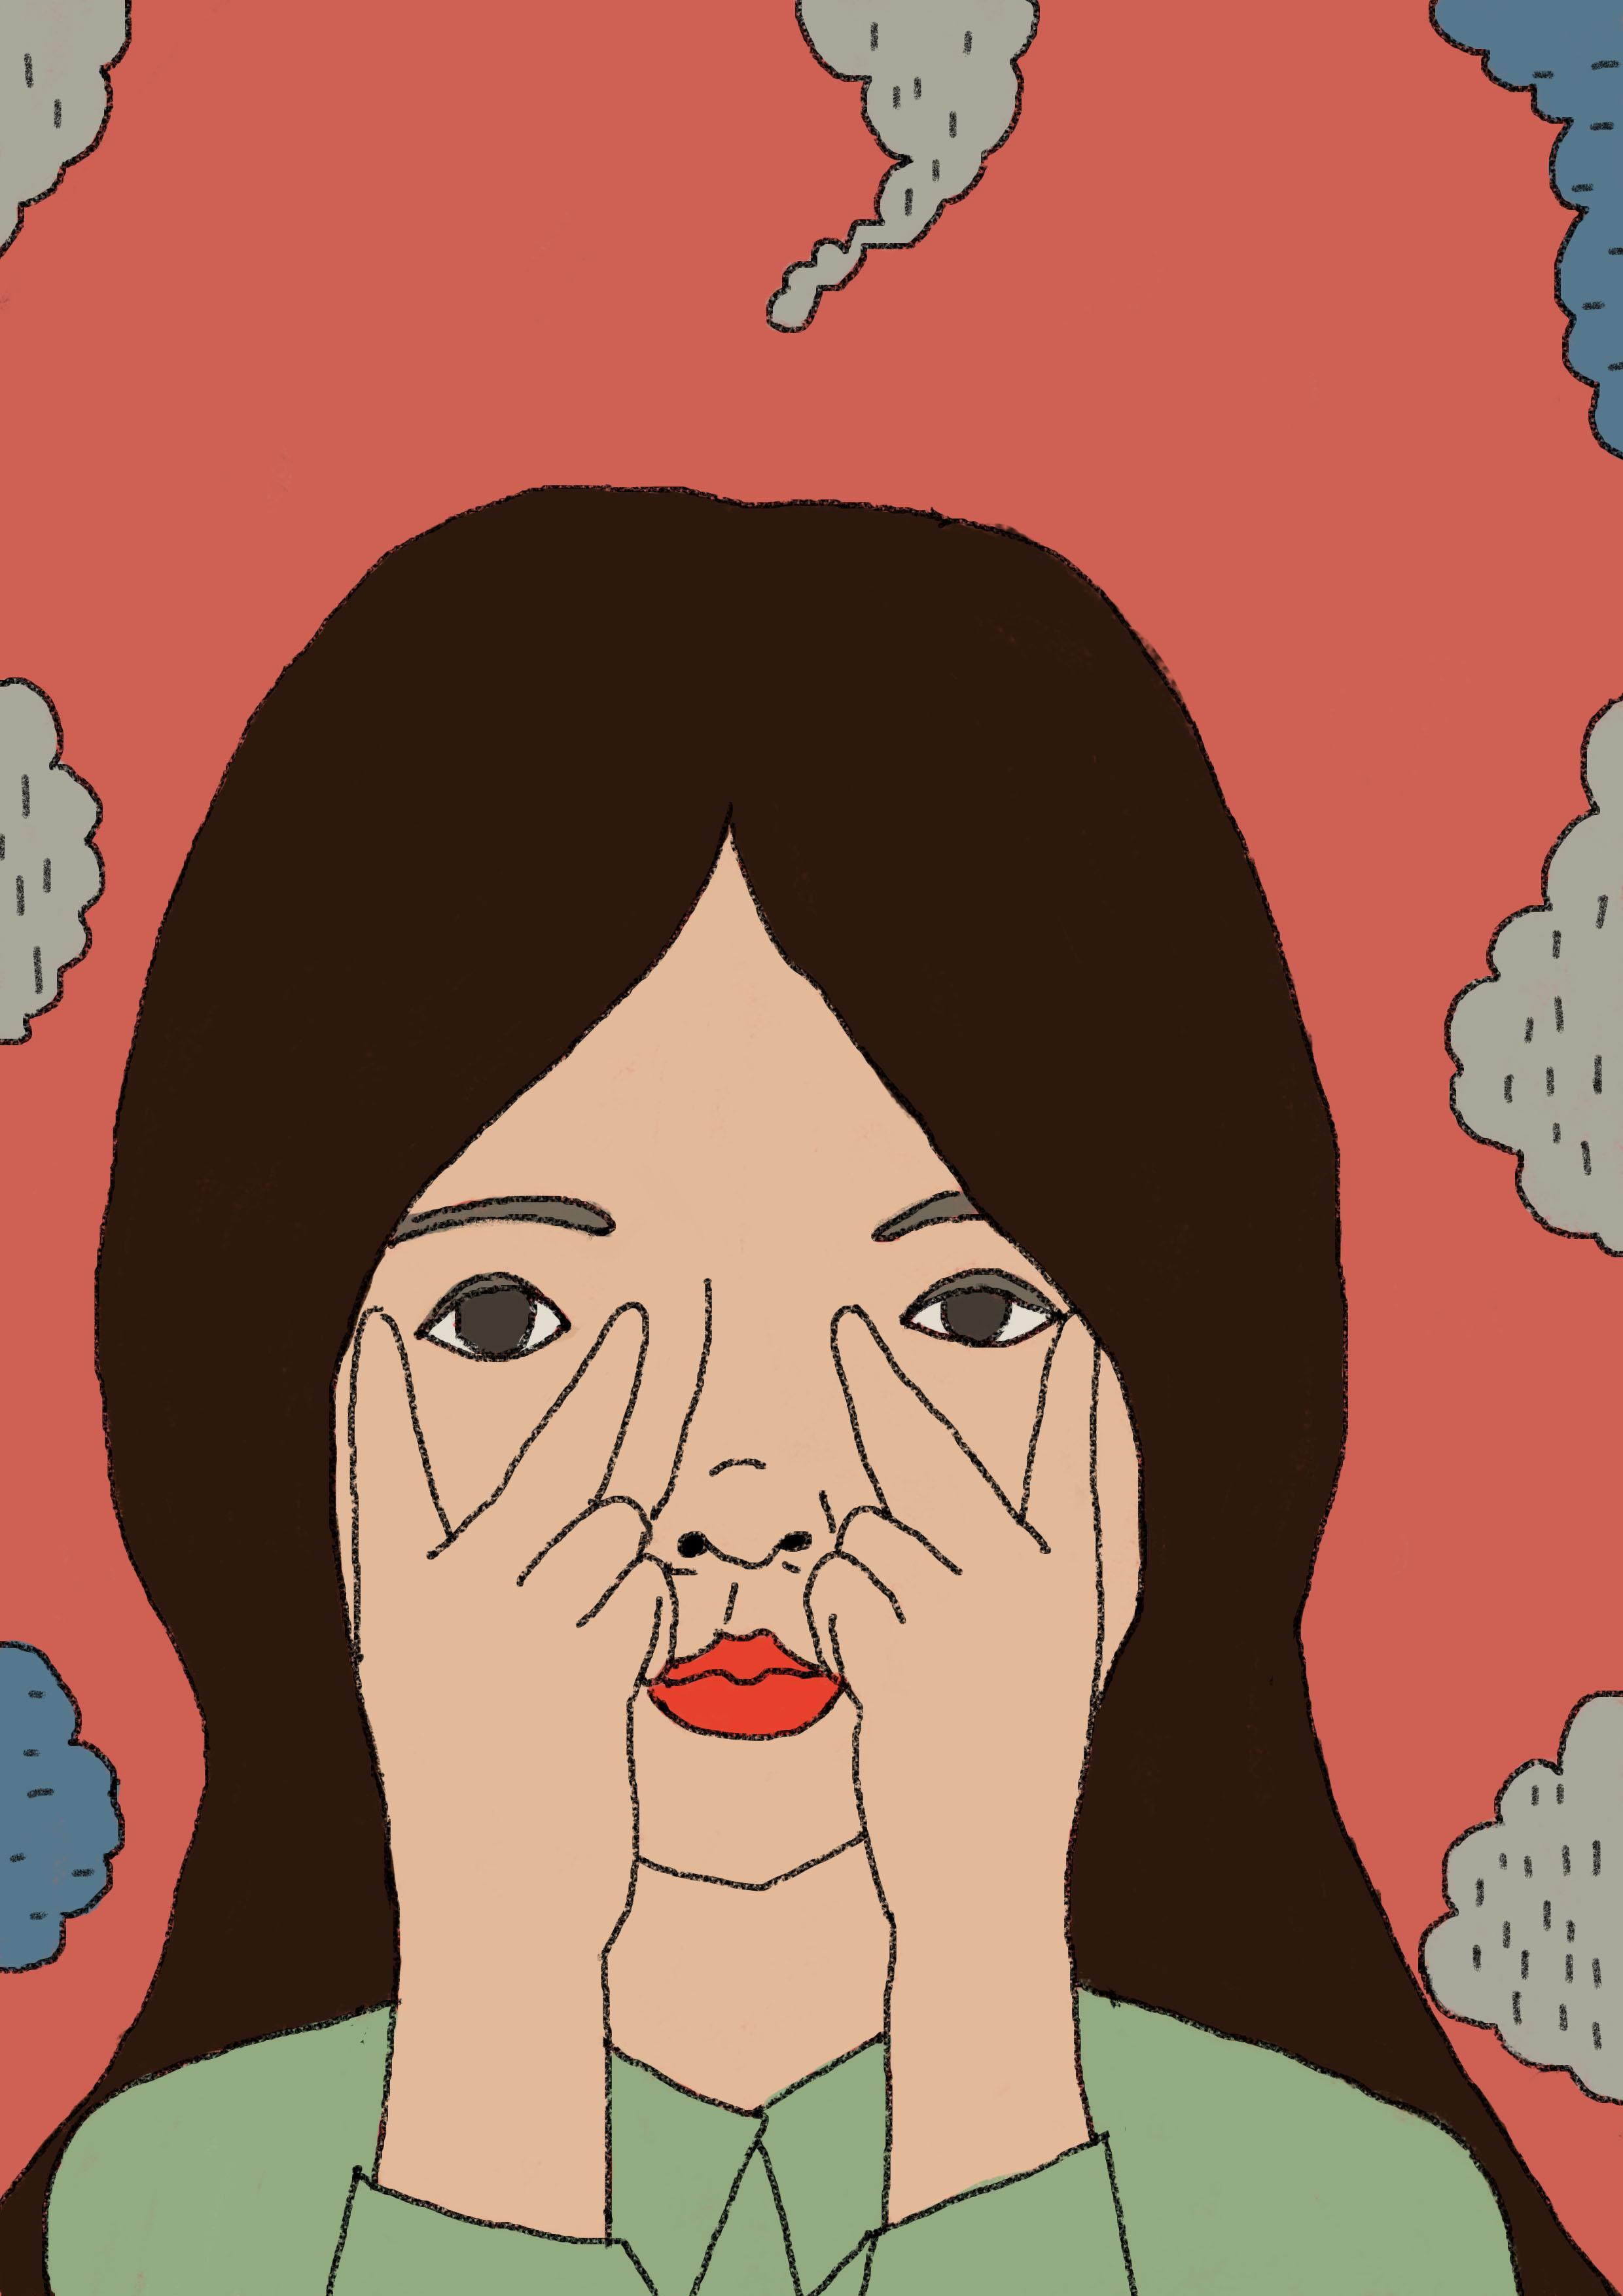 有趣的自画像妈妈催眠漫画母狗图片